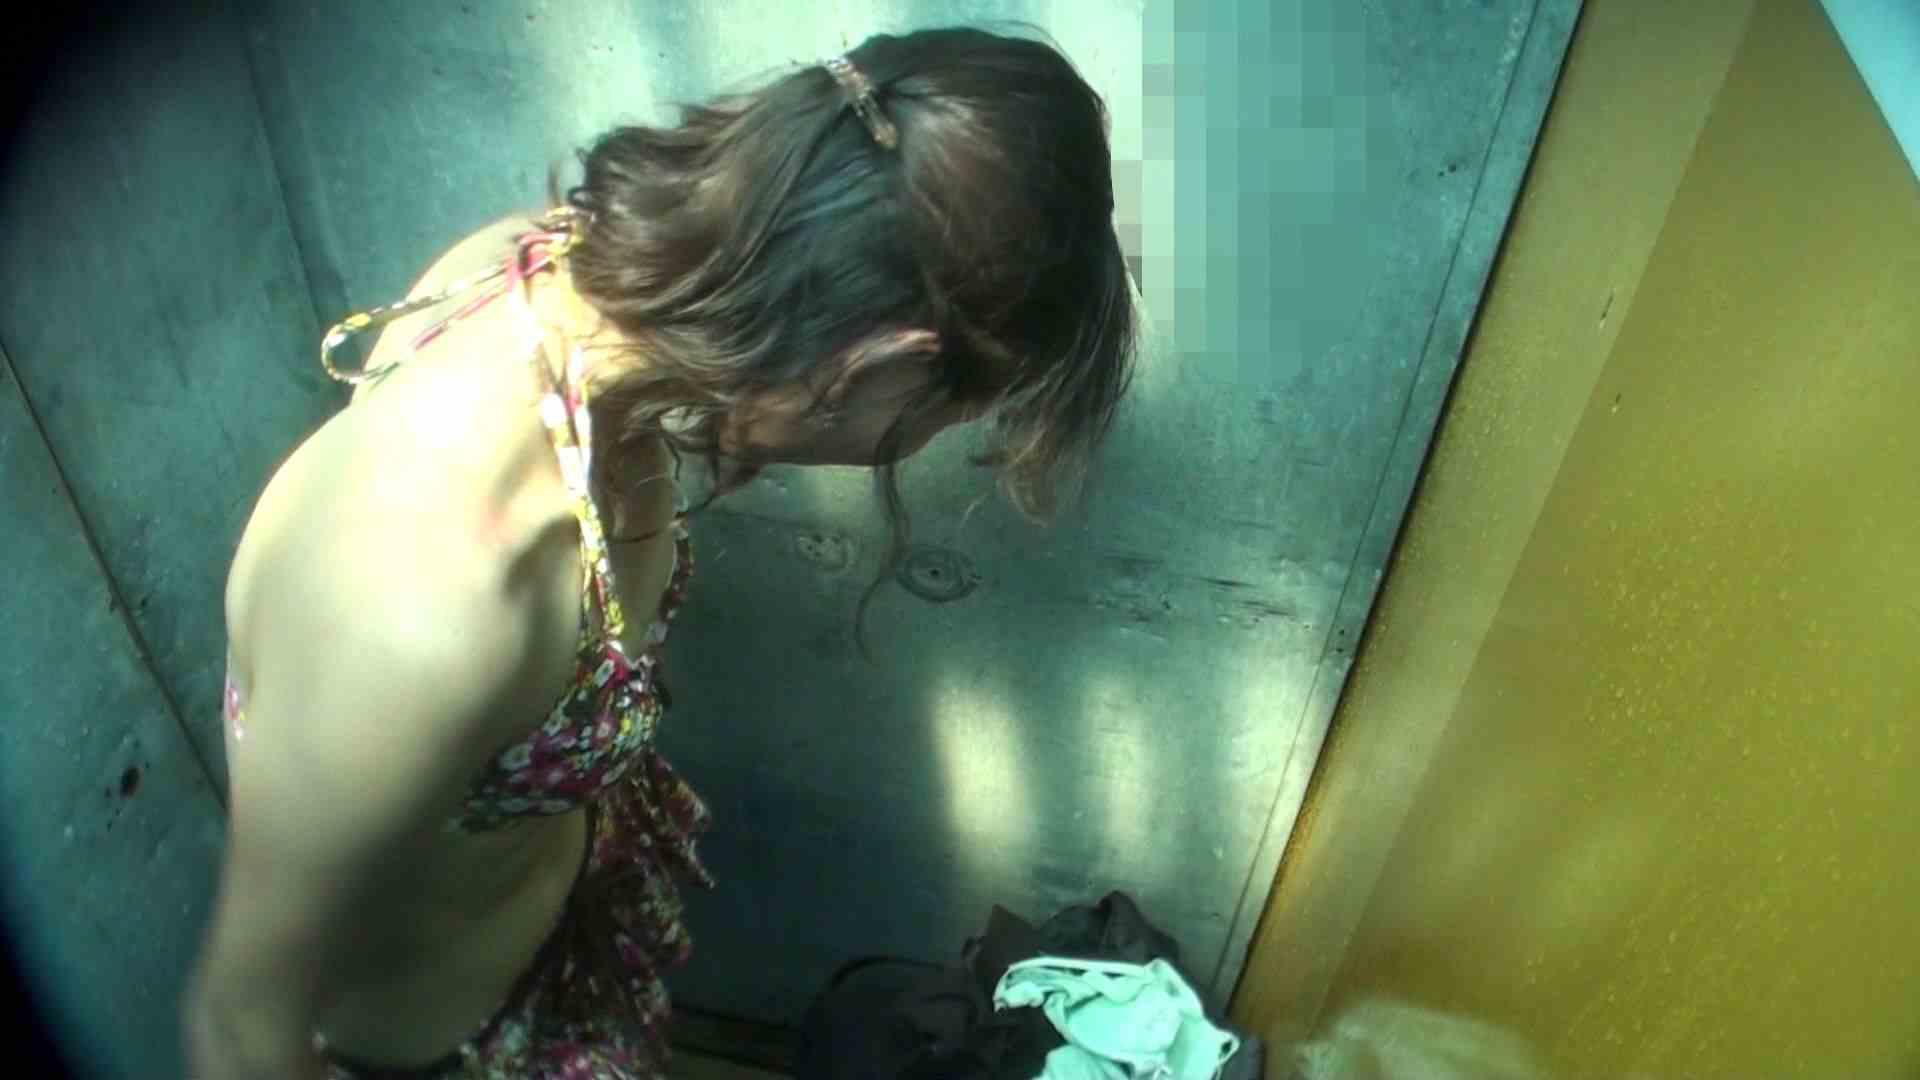 シャワールームは超!!危険な香りVol.16 意外に乳首は年増のそれ 乳首 | OLの実態  61pic 33